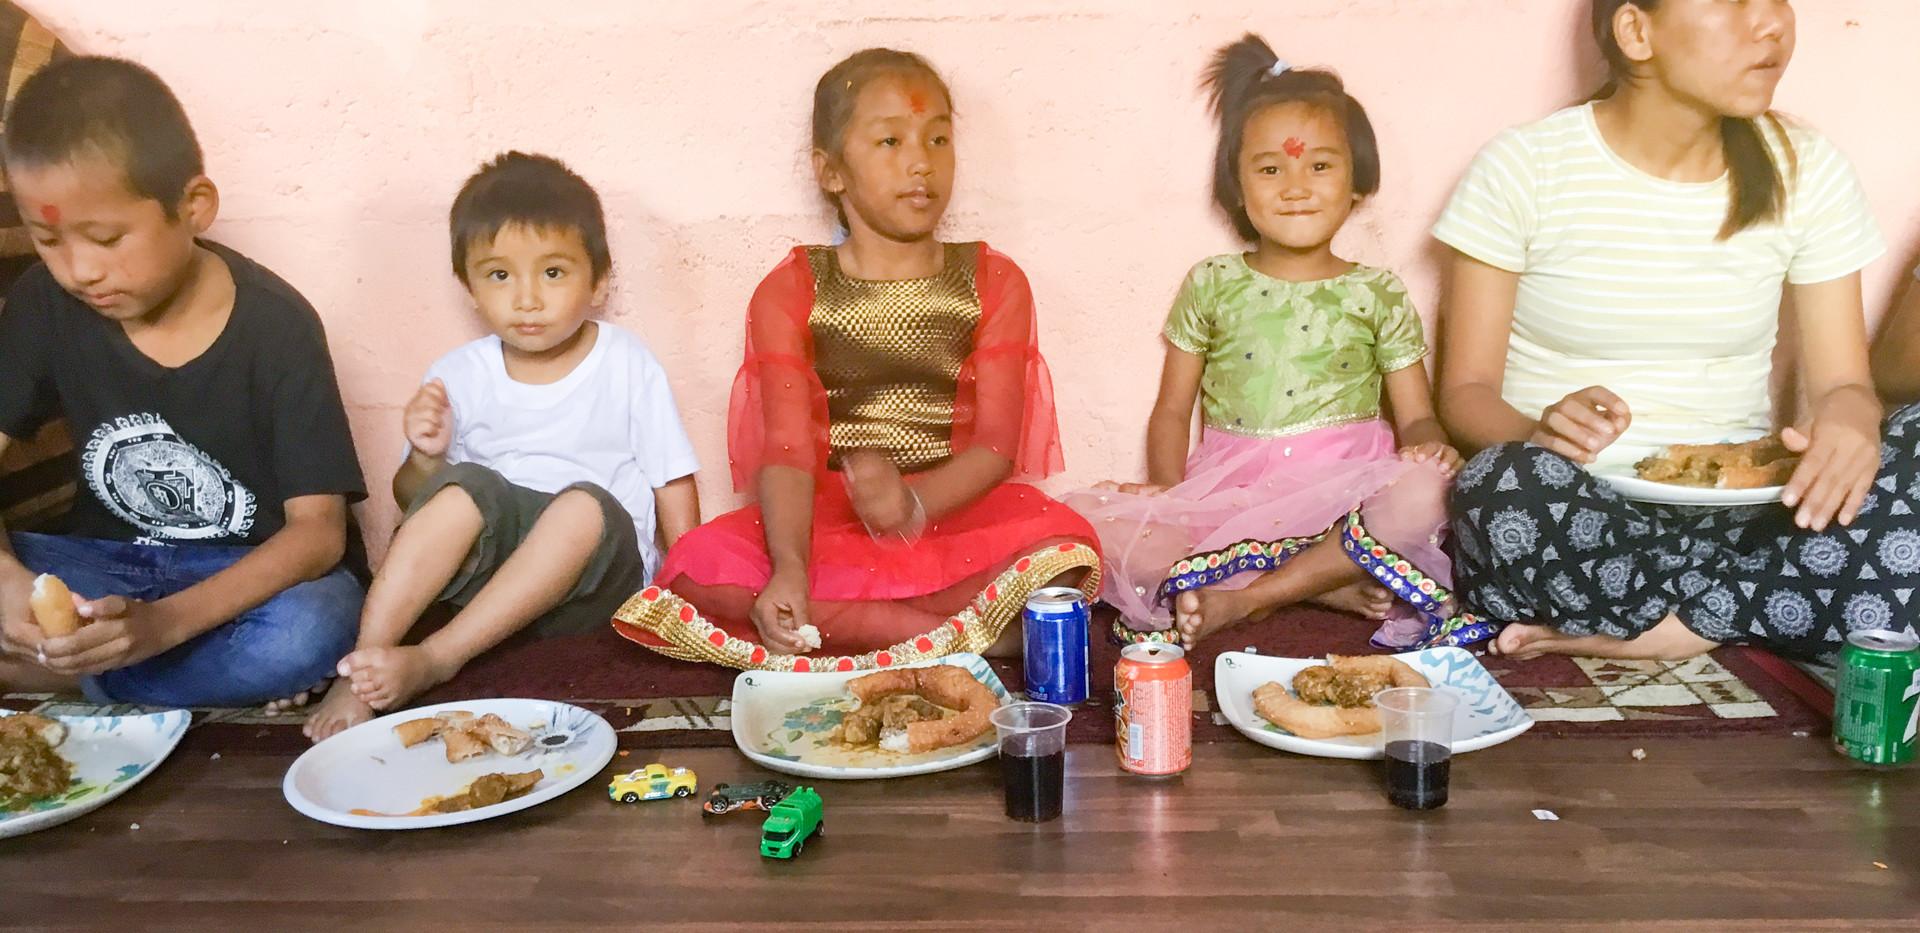 denk-ev - kinderhaus nepal-225.jpg